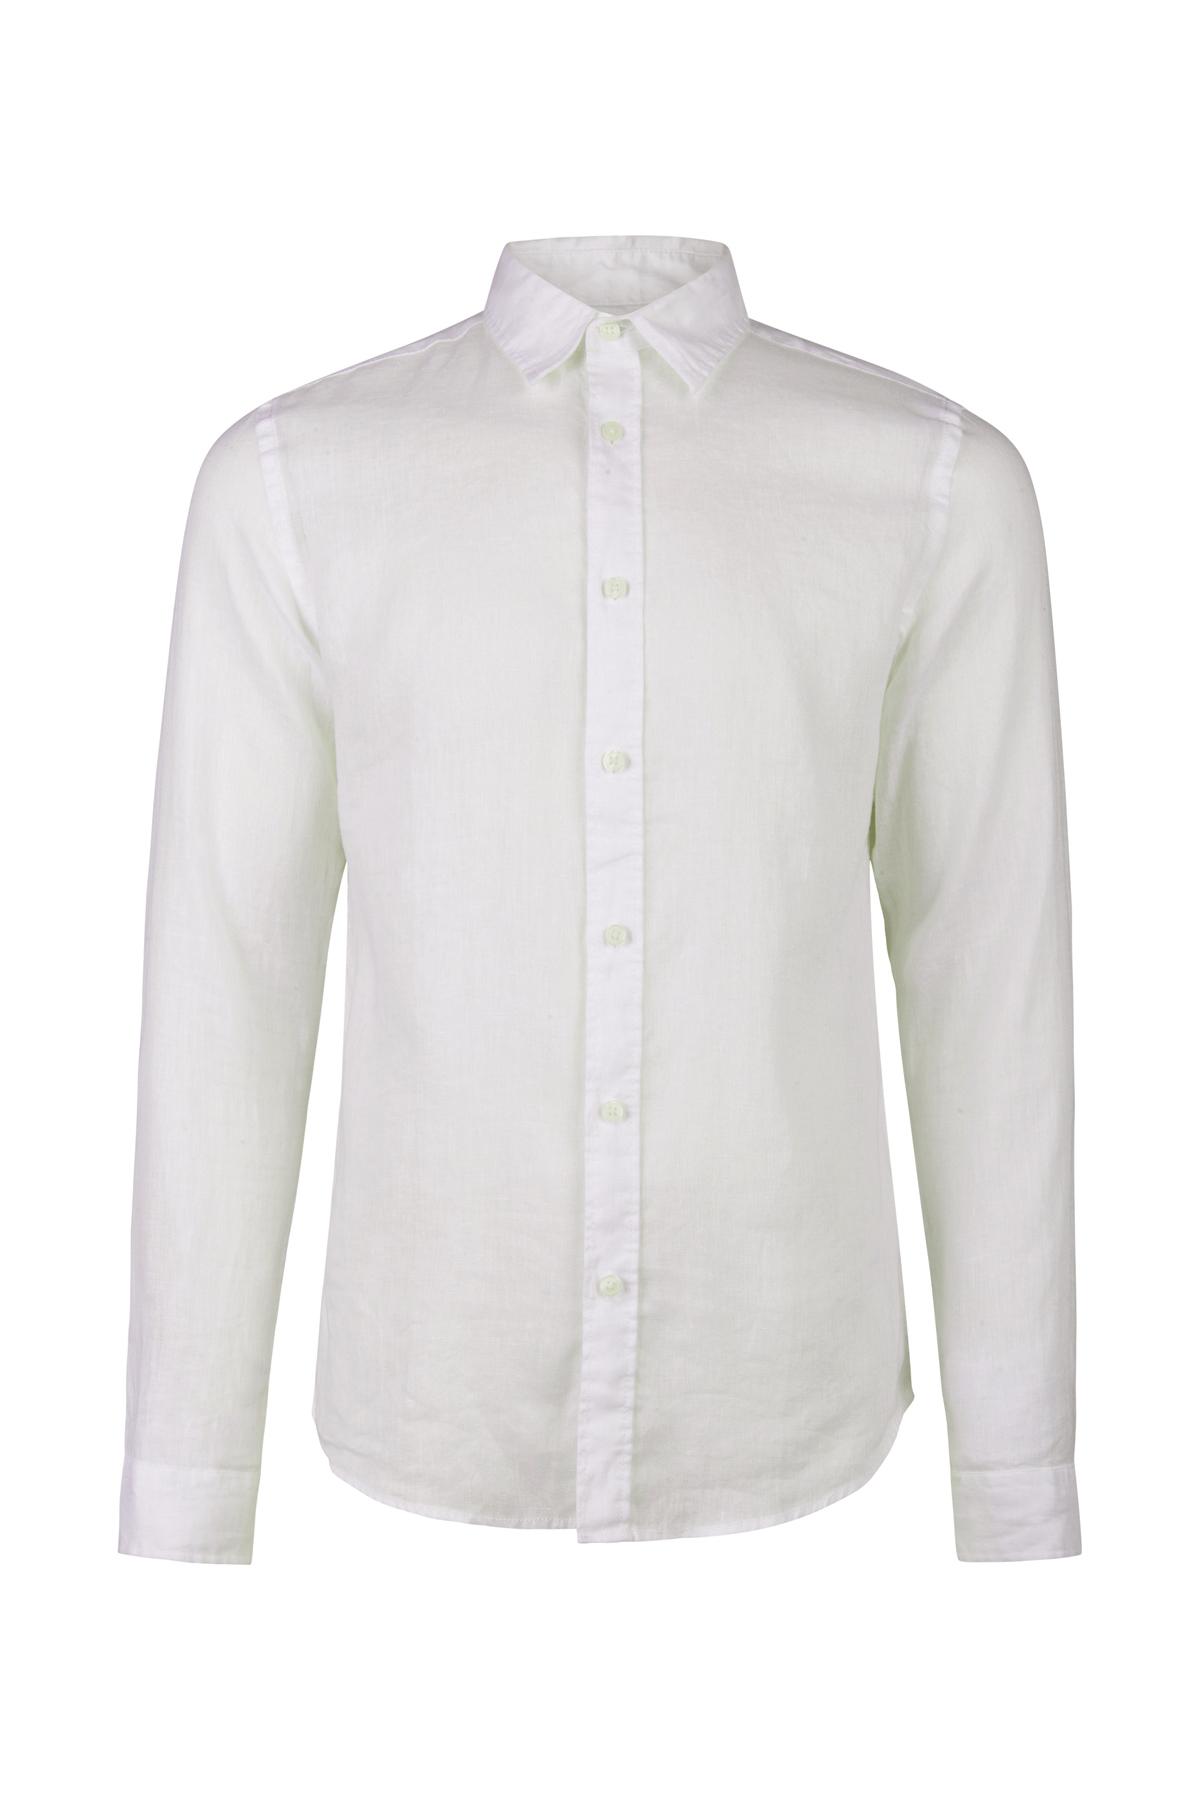 Linnen Overhemd Wit.Heren Slim Fit Linnen Overhemd 94433647 We Fashion